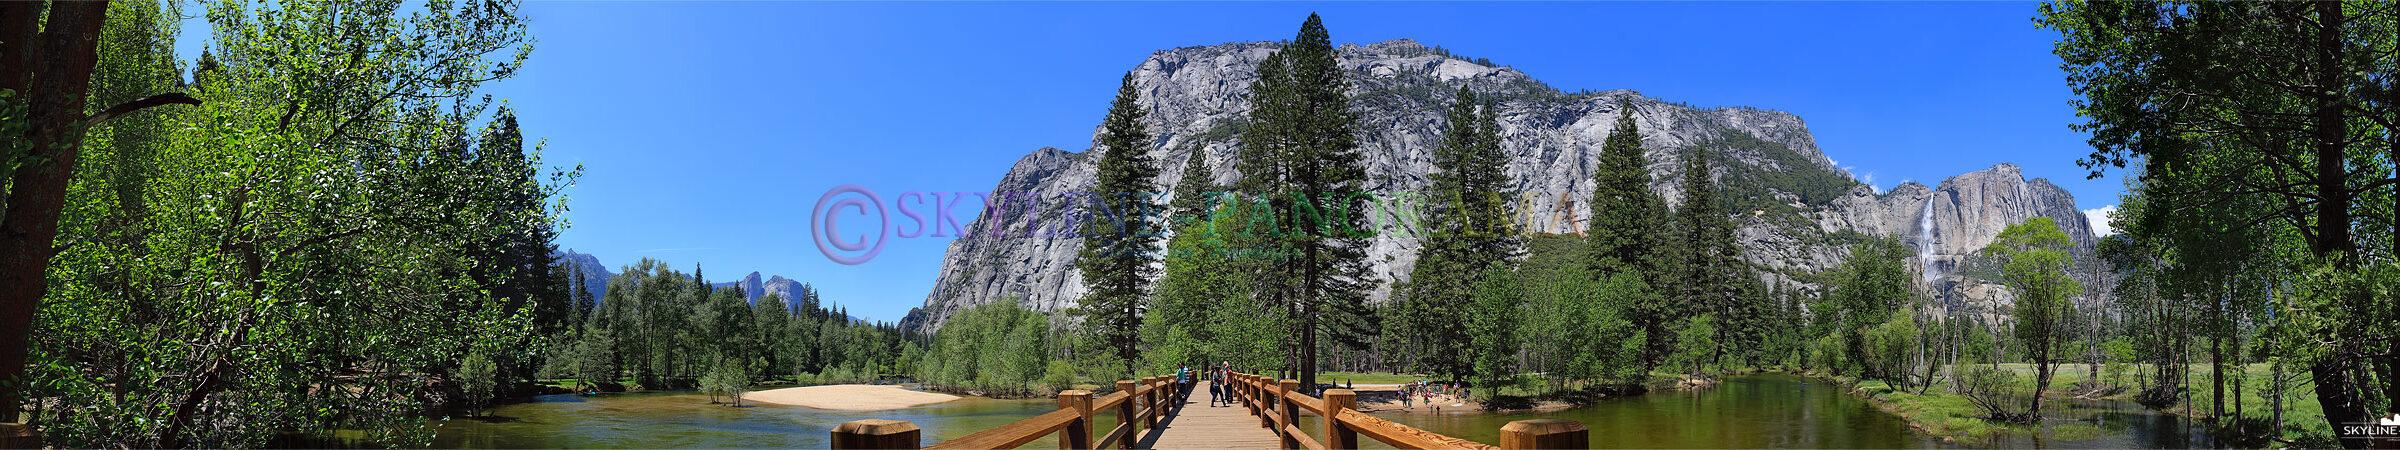 USA Panorama - Die Swinging Bridge ist eine Holzbrücke über den Merced River, von hier hat man einen Ausblick in das Tal des Yosemite Nationalparks...